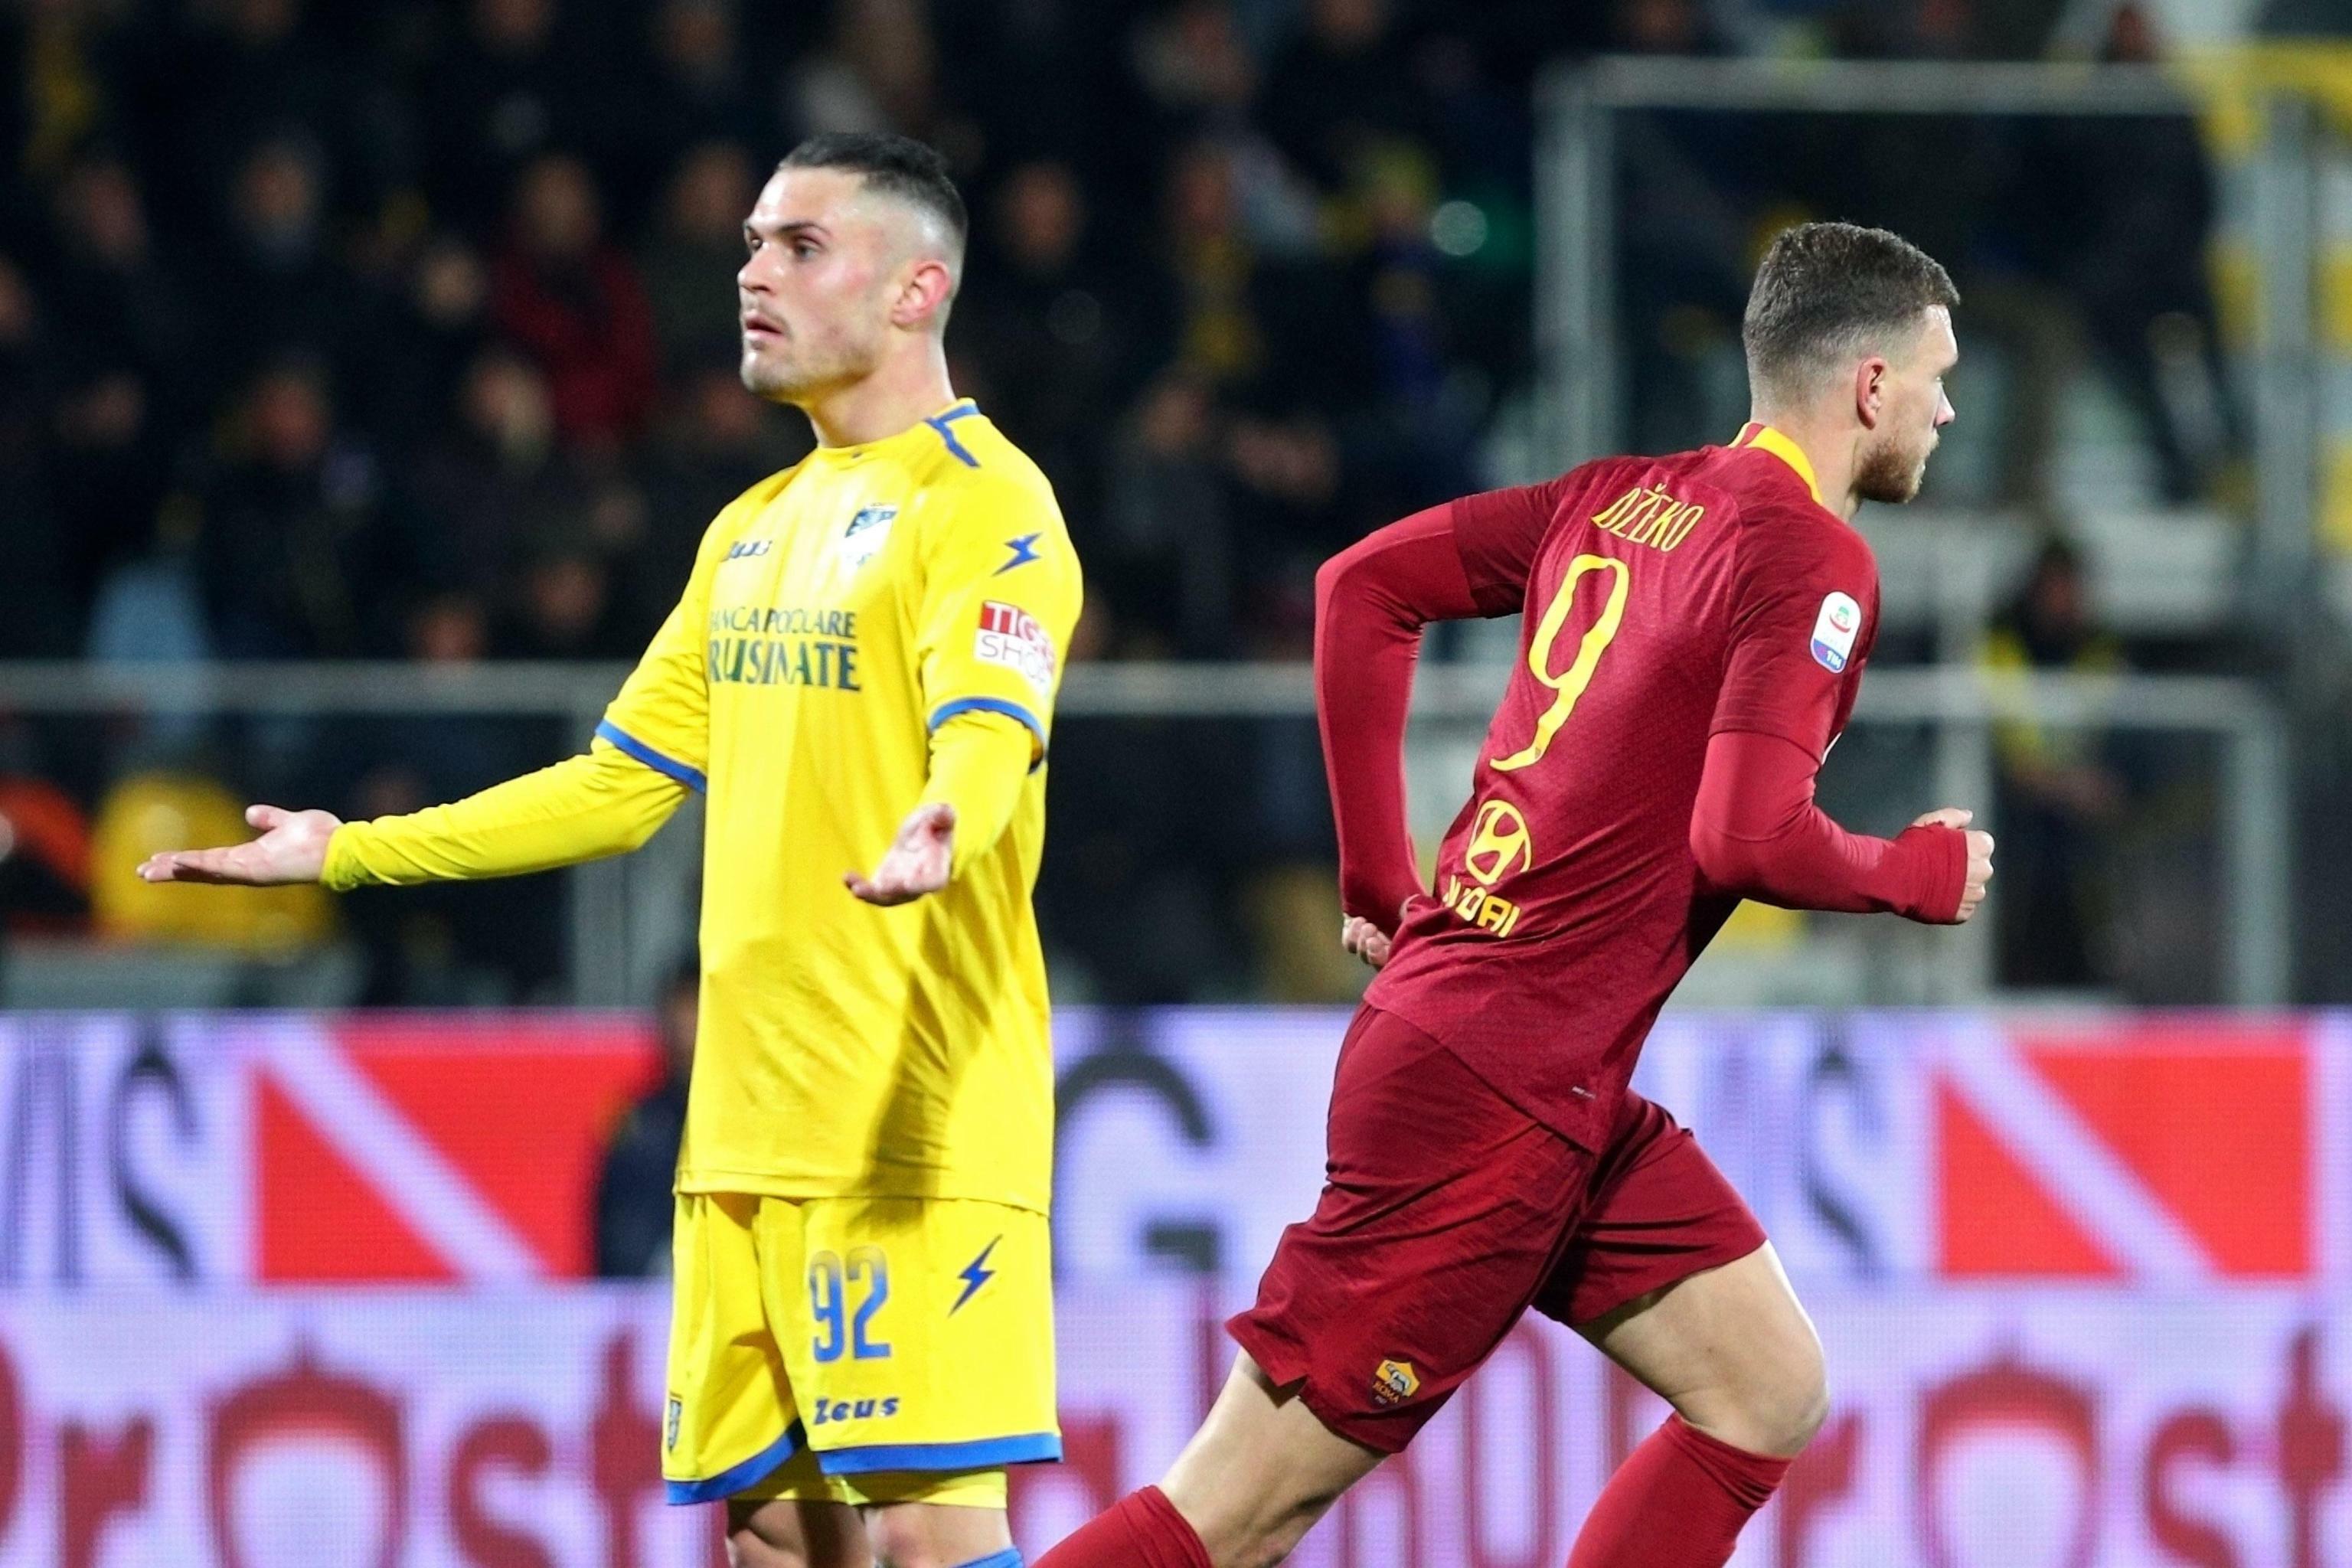 Atalanta's European hopes hit by 2-0 loss at Torino